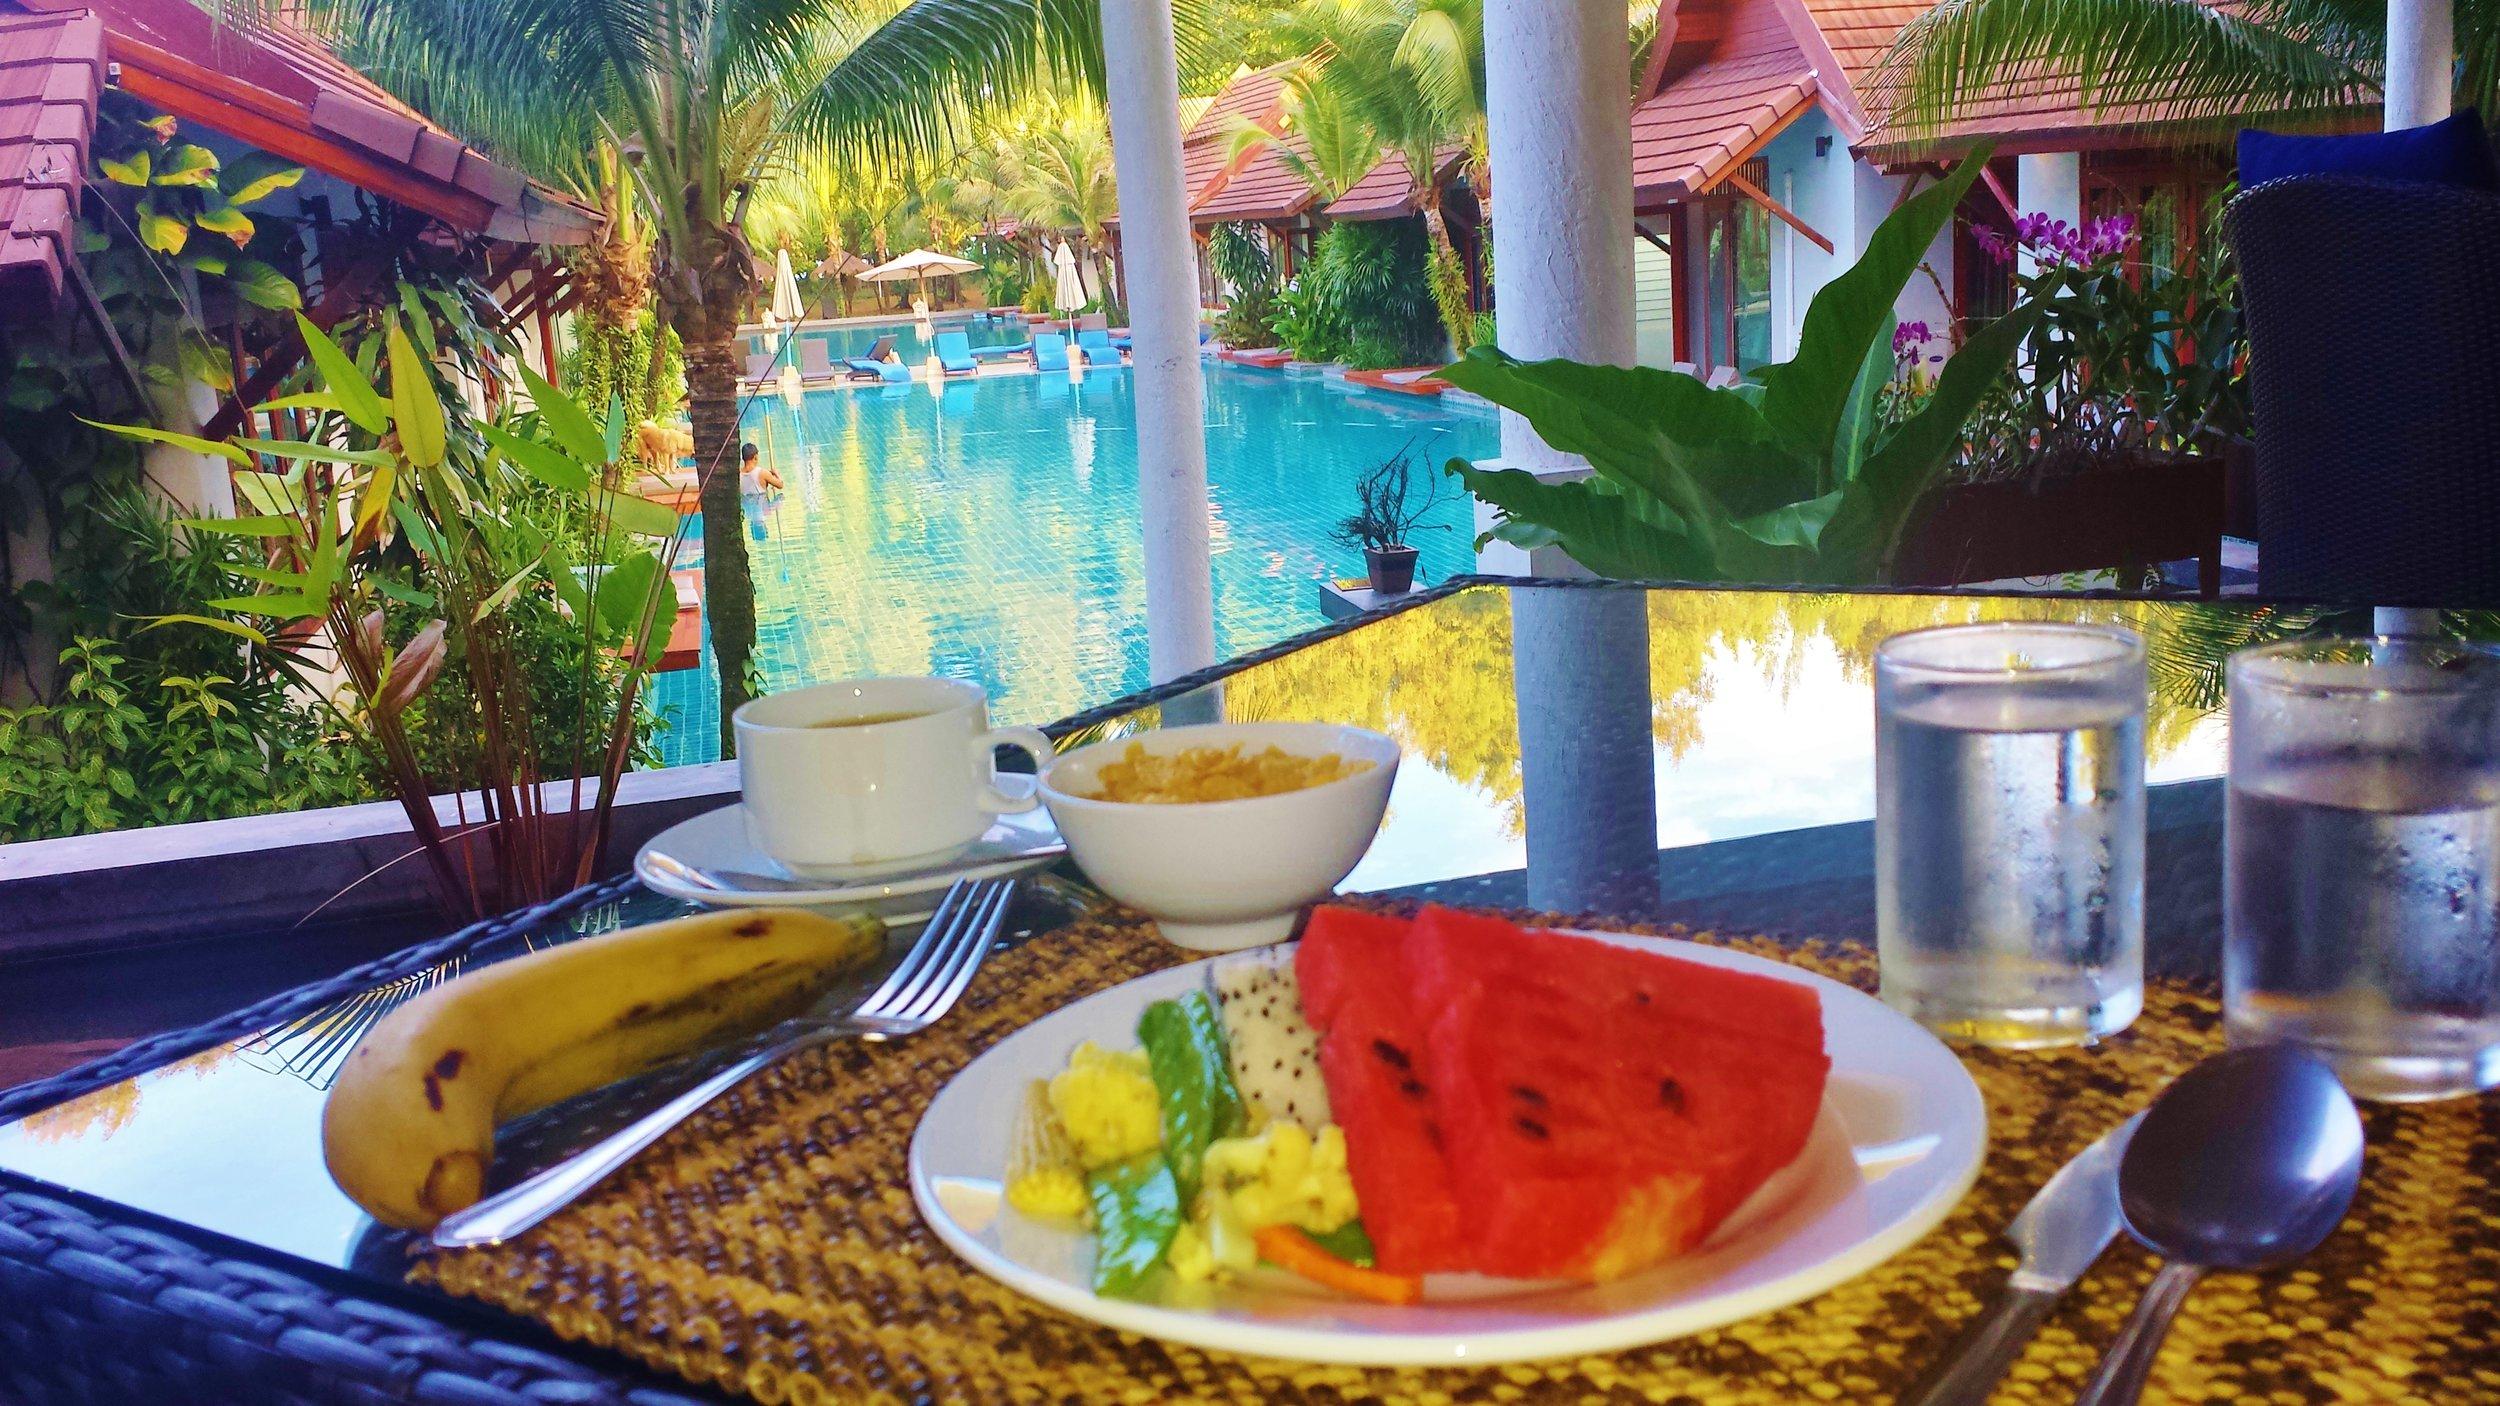 Photo taken at  L'esprit de Naiyang Resort  in Phuket, Thailand